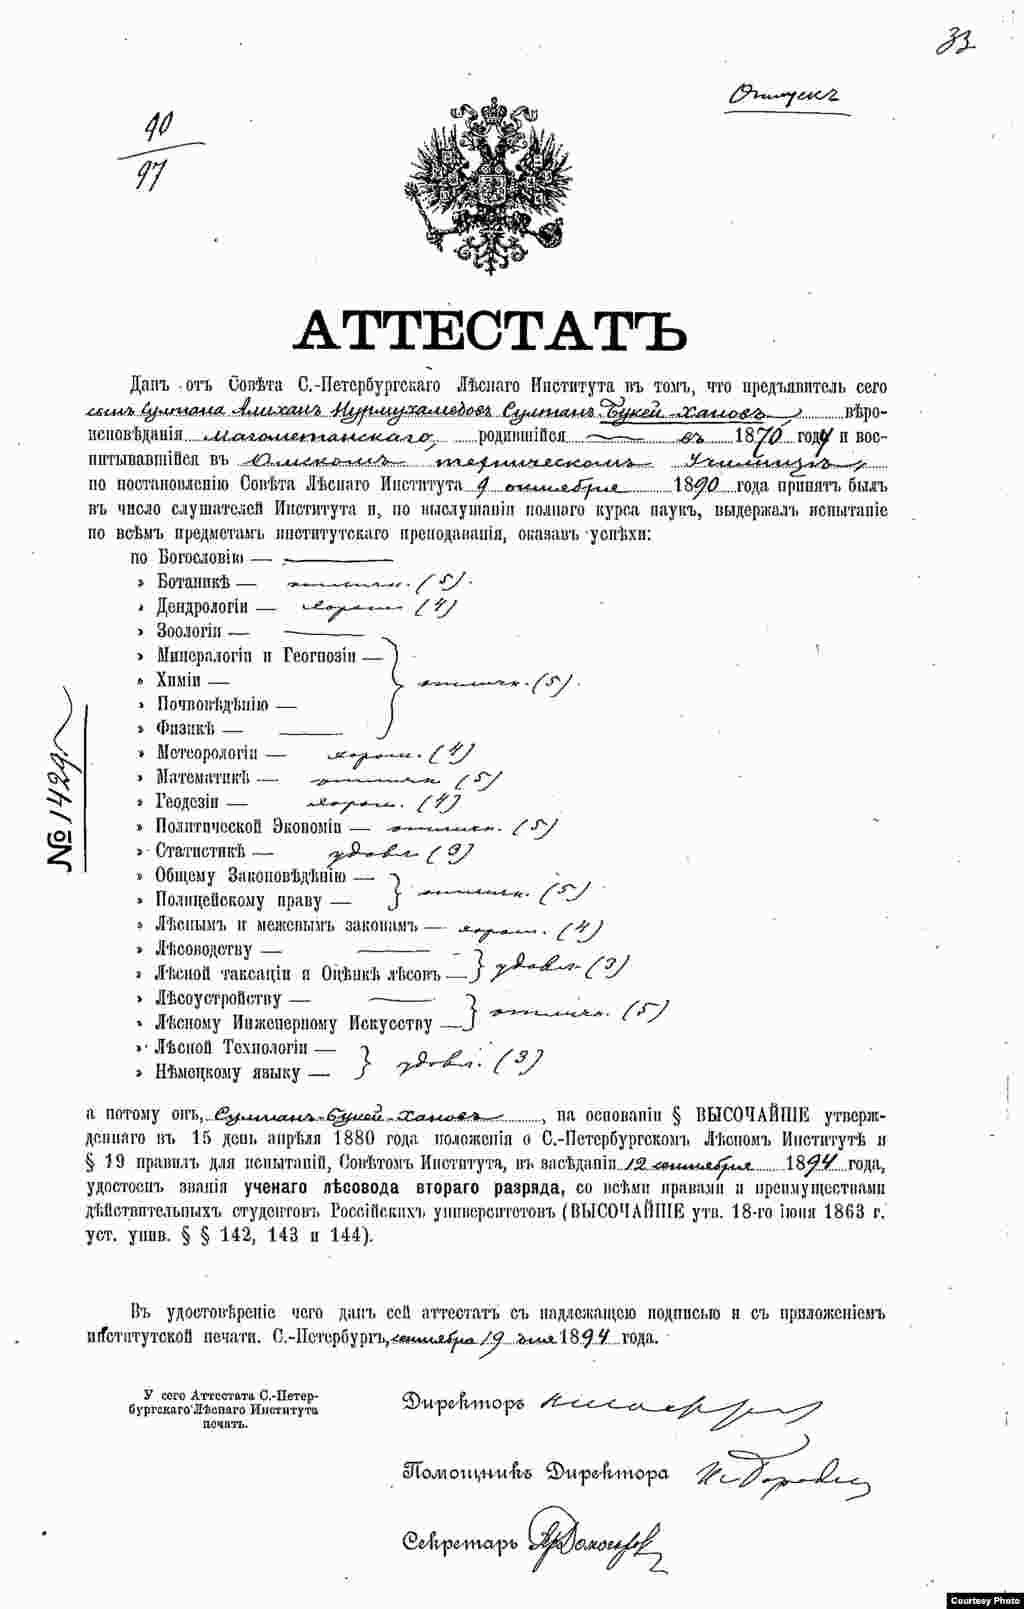 Аттестат (диплом) Букейханова об окончании экономического факультета Петербургского лесотехнического института.